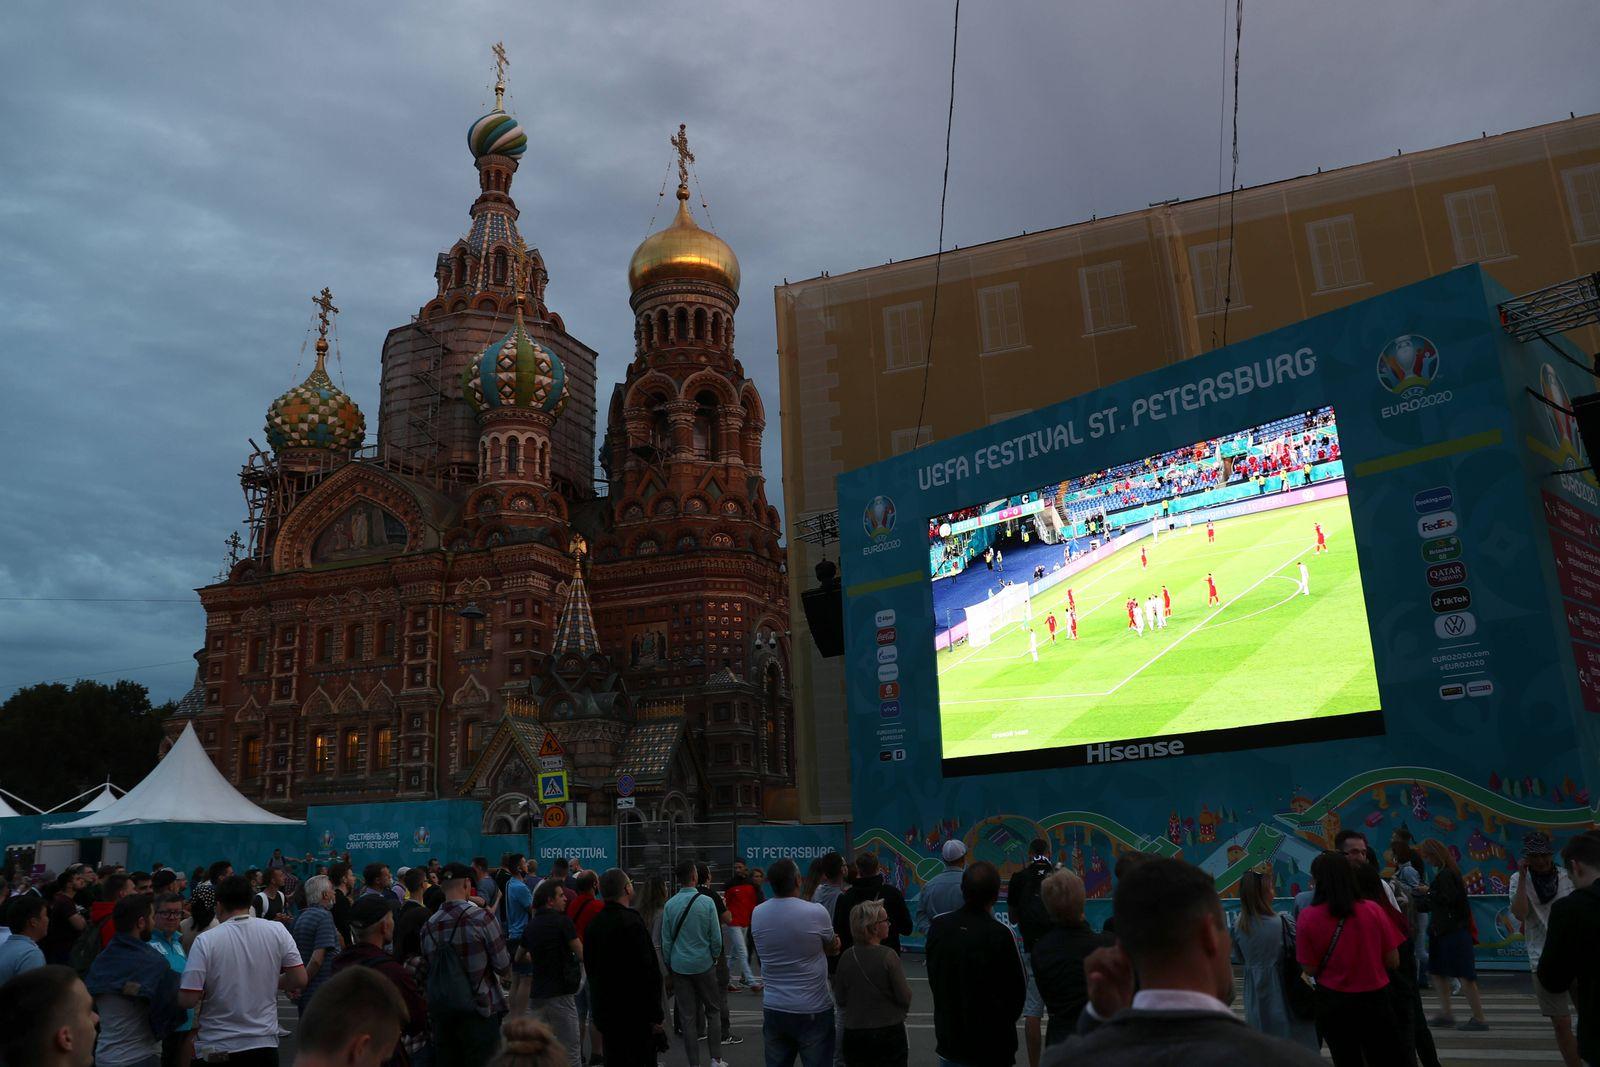 ST PETERSBURG, RUSSIA - JUNE 11, 2021: Fans watch a live stream of the UEFA EURO, EM, Europameisterschaft,Fussball 2020